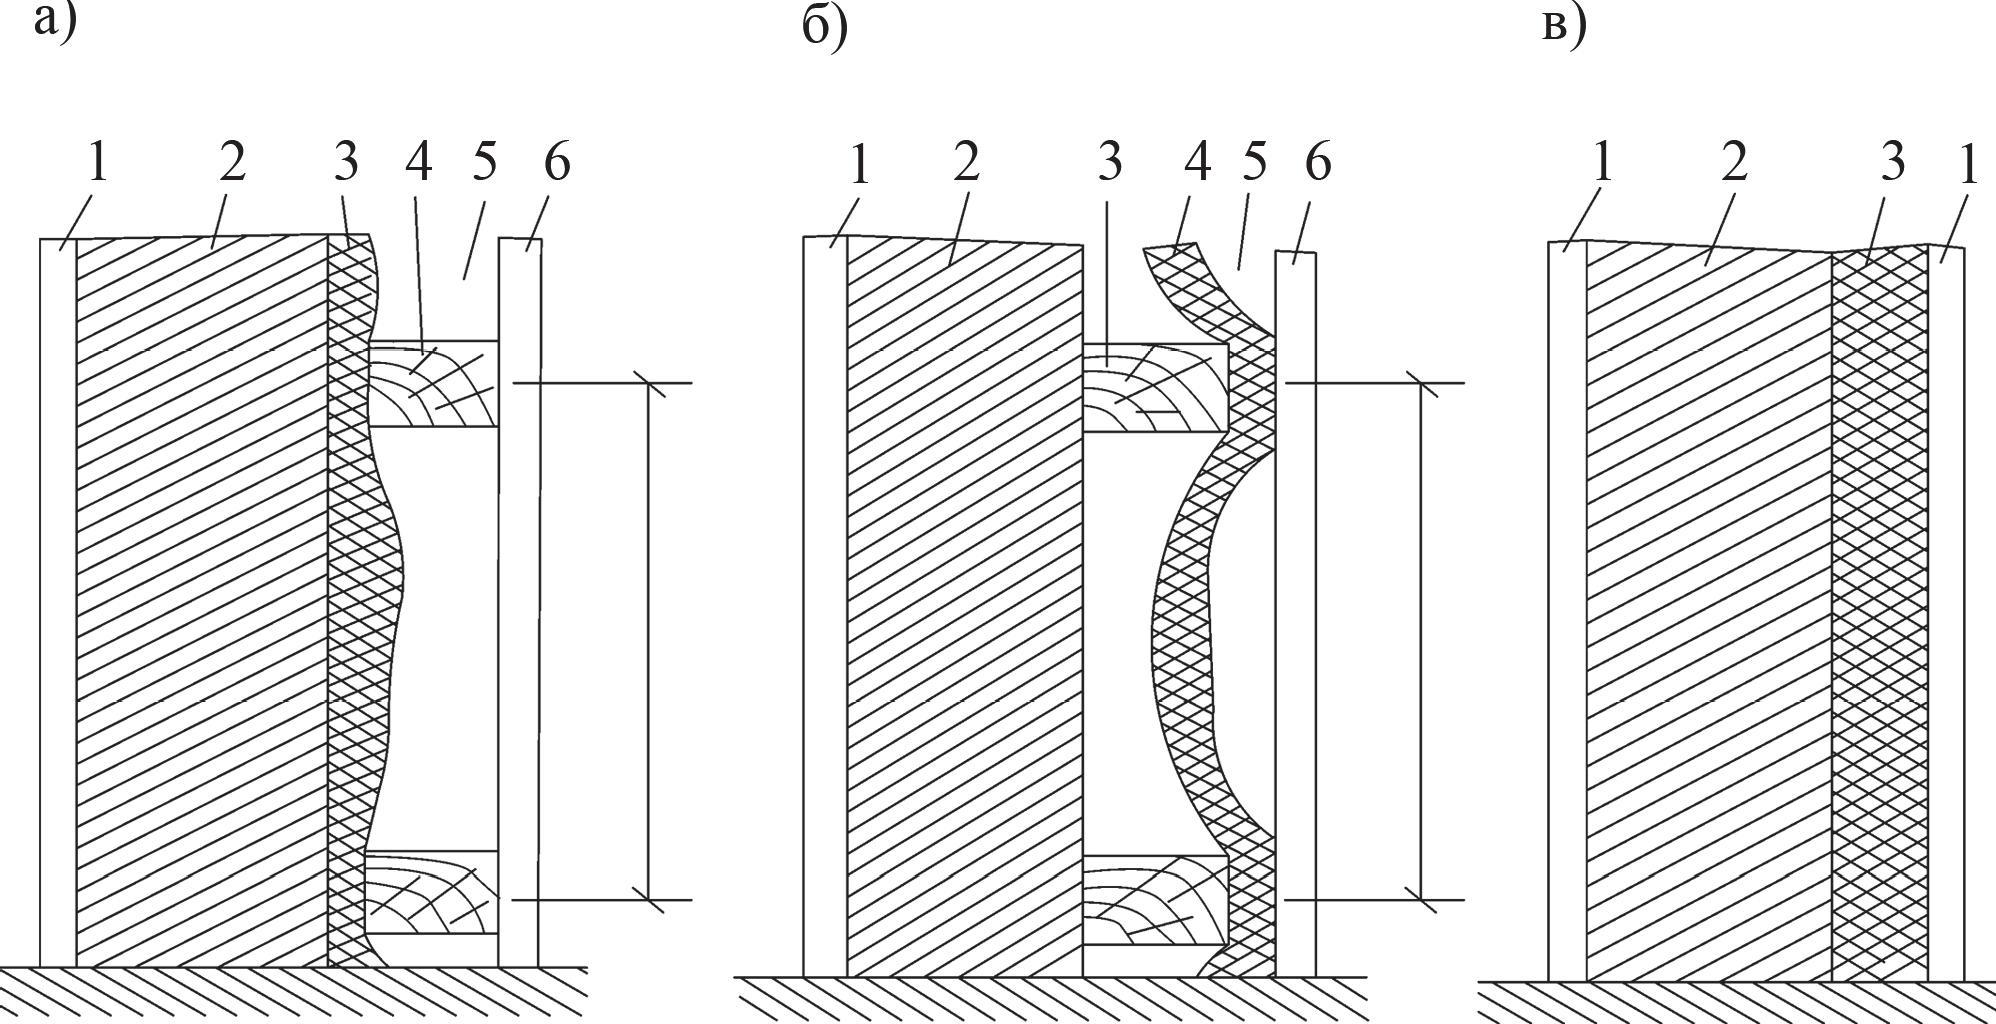 Конструкции некоторых звукопоглощающих материалов